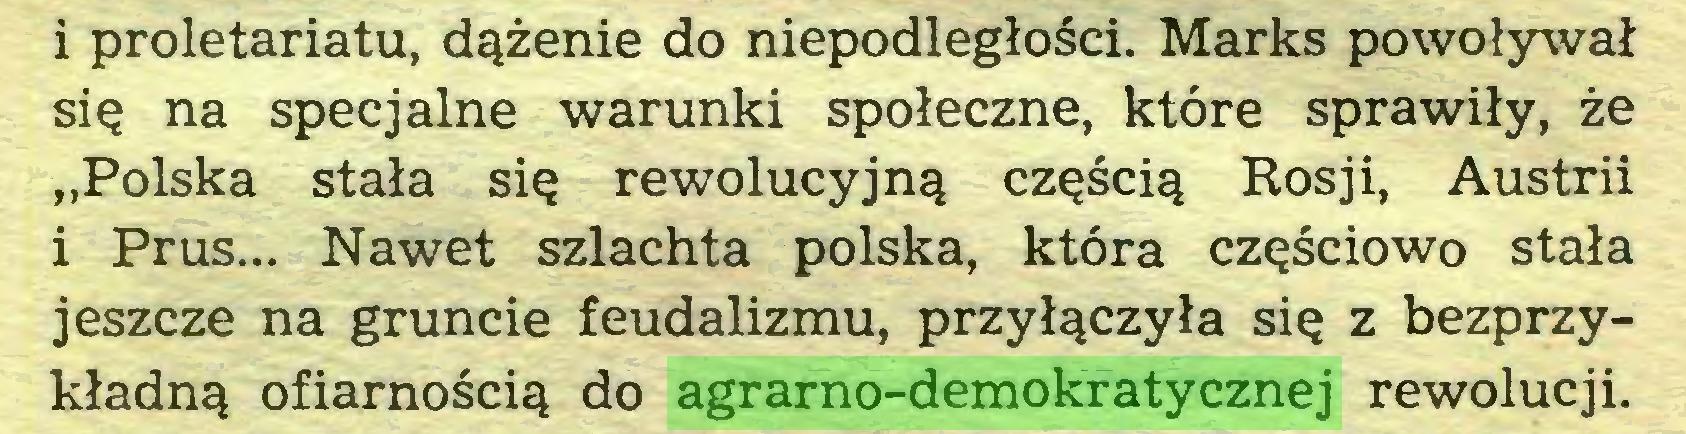 """(...) i proletariatu, dążenie do niepodległości. Marks powoływał się na specjalne warunki społeczne, które sprawiły, że """"Polska stała się rewolucyjną częścią Rosji, Austrii i Prus... Nawet szlachta polska, która częściowo stała jeszcze na gruncie feudalizmu, przyłączyła się z bezprzykładną ofiarnością do agrarno-demokratycznej rewolucji..."""